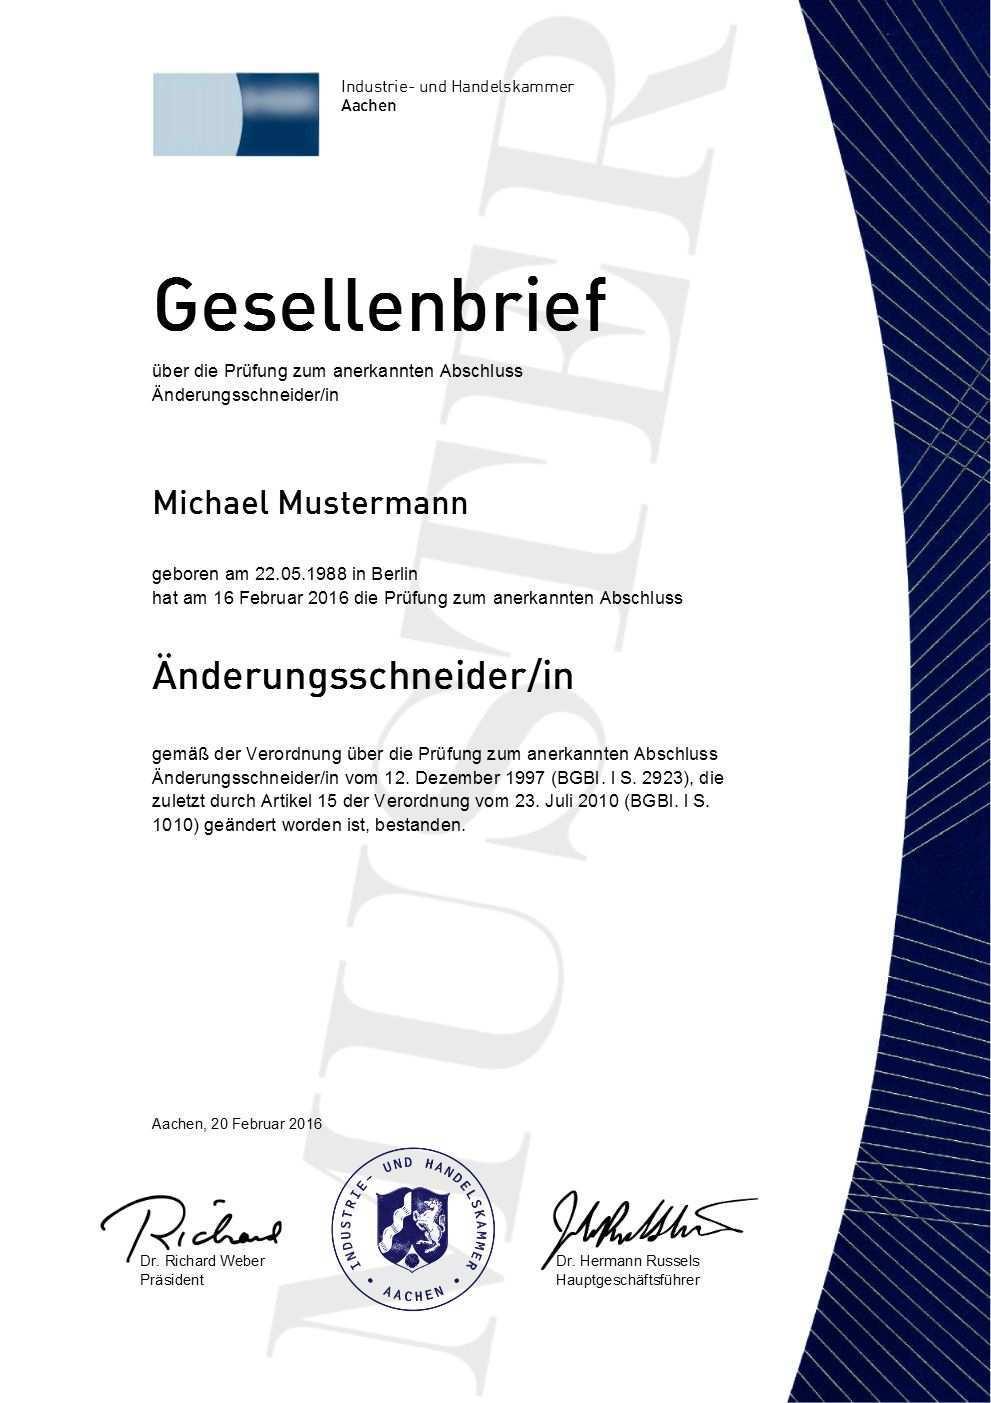 Ihk Gesellenbriefe Kaufen Gesellenbrief Online Download Ihk Gesellenbrief Kaufen Zeugnis Kaufen Diplom Urkunde Kaufe Gesellenbrief Realschulabschluss Brief